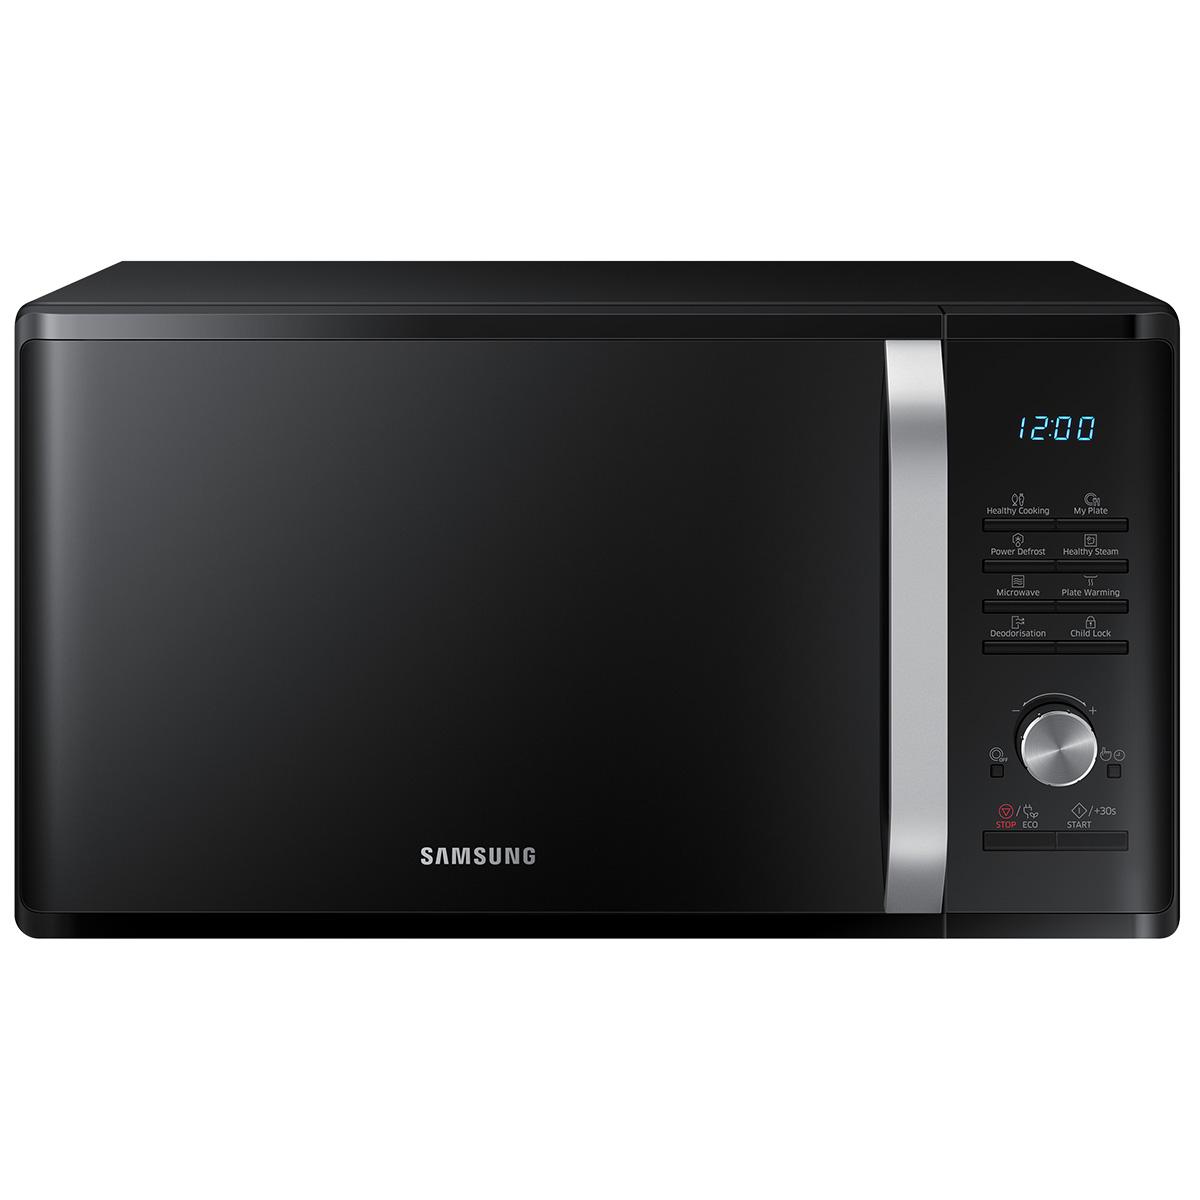 Samsung mikrobølgeovn - MS23K3523AK/EE